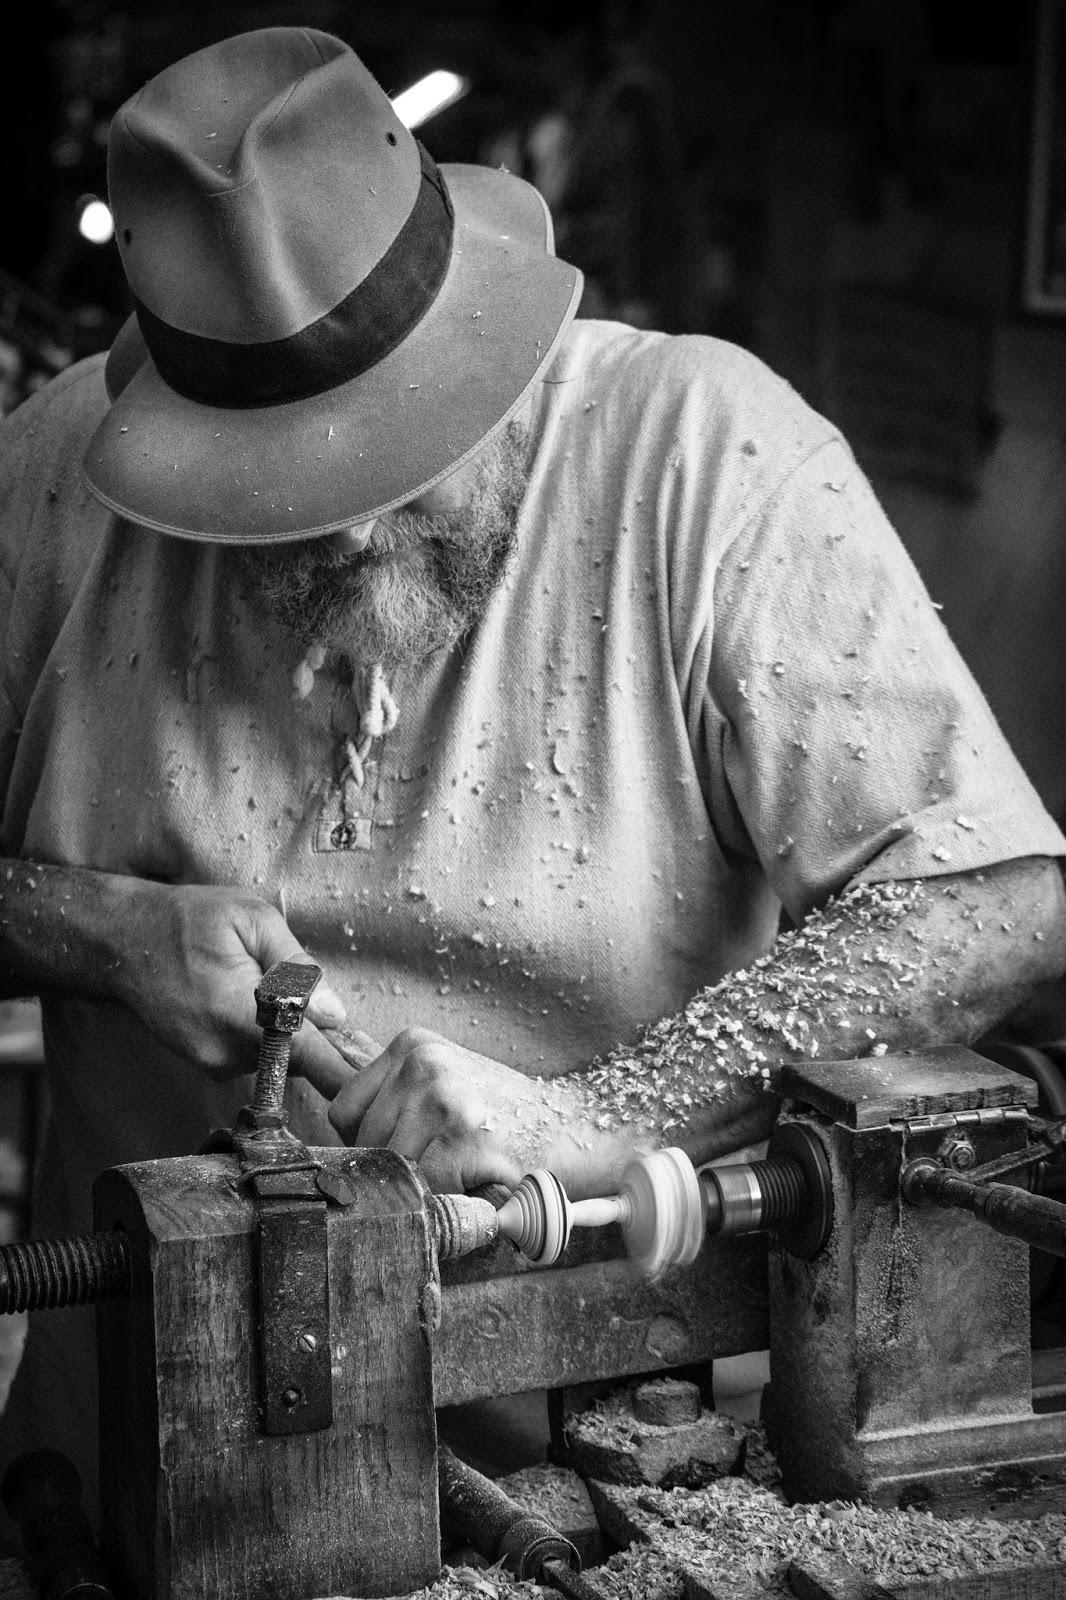 Whirlgig craftsman, av Thomas Zumbiehl